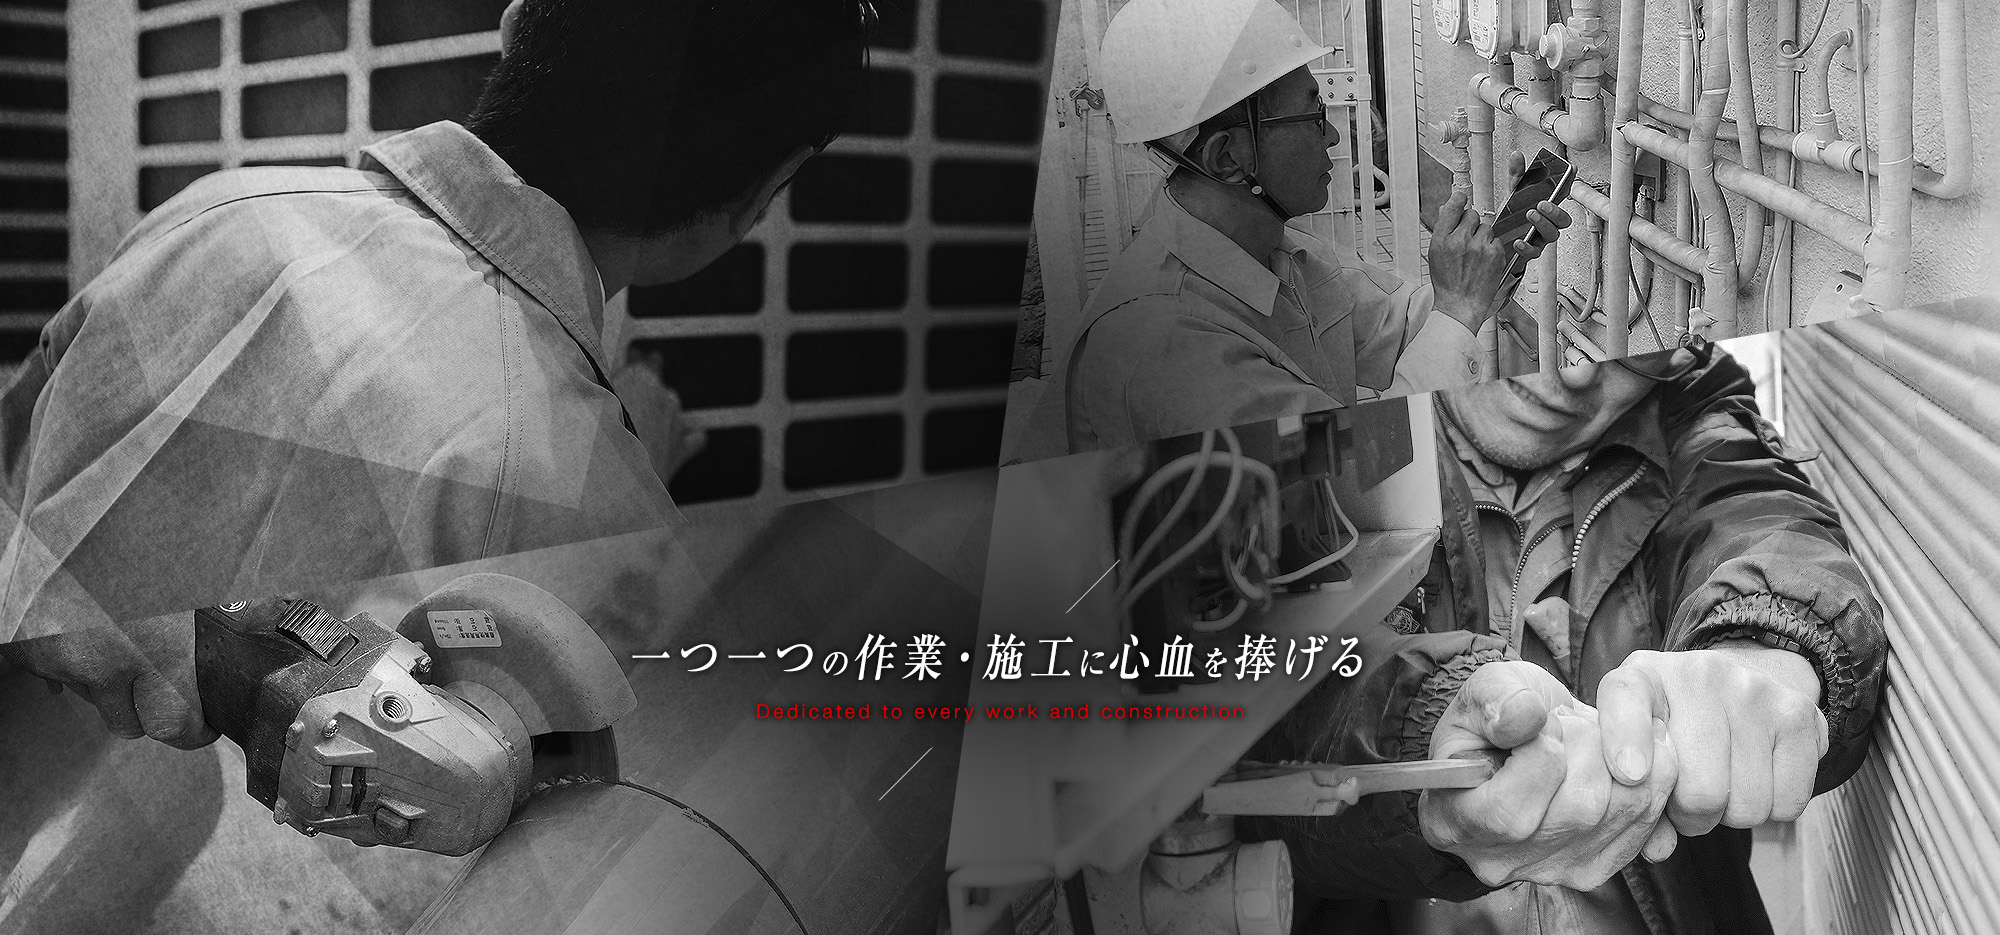 一つ一つの作業 施工に心血を捧げる